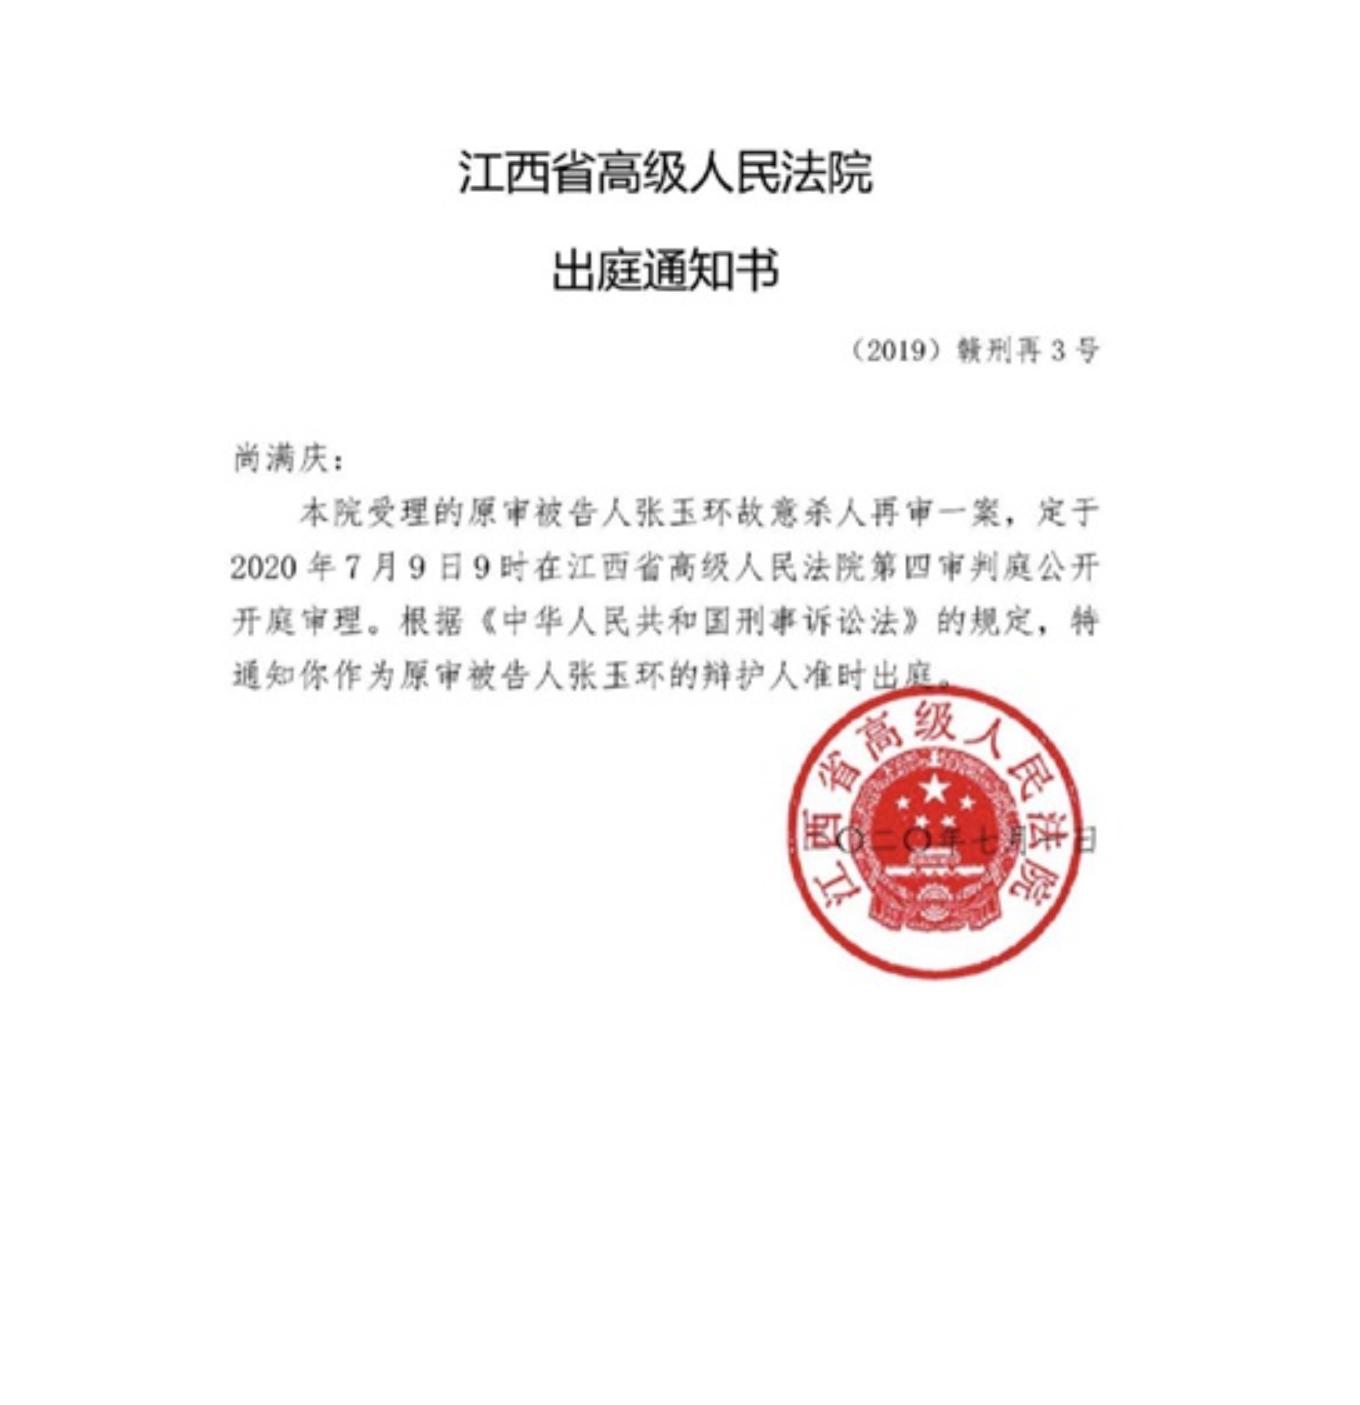 12城鼓励出租车正常运营:北京适度减免承包金